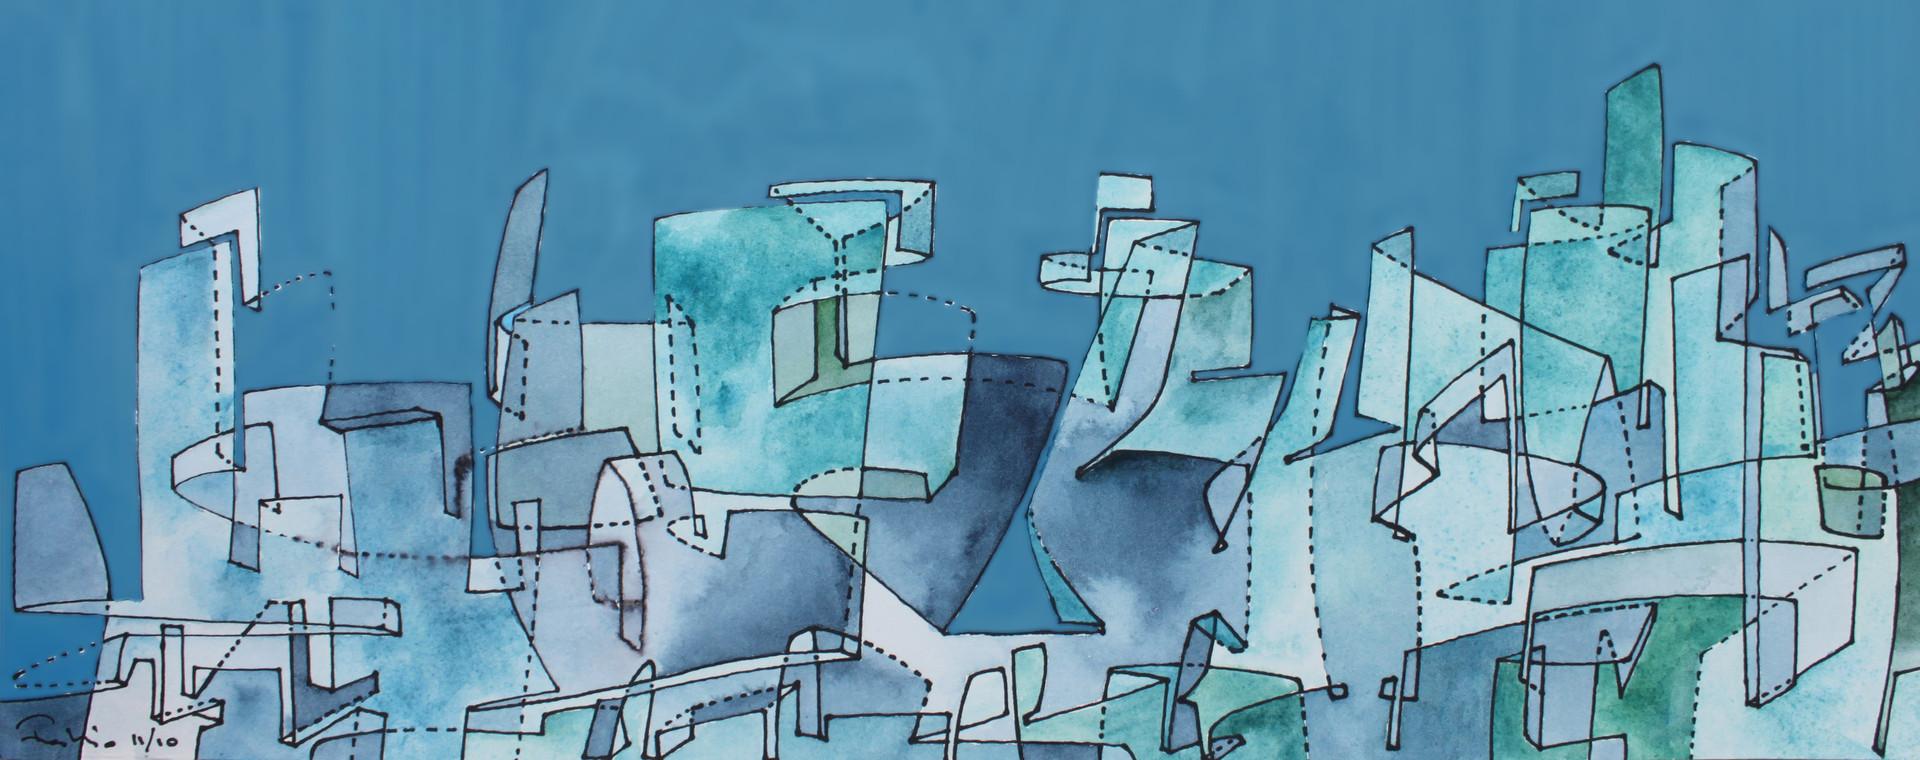 Glass Cityscape